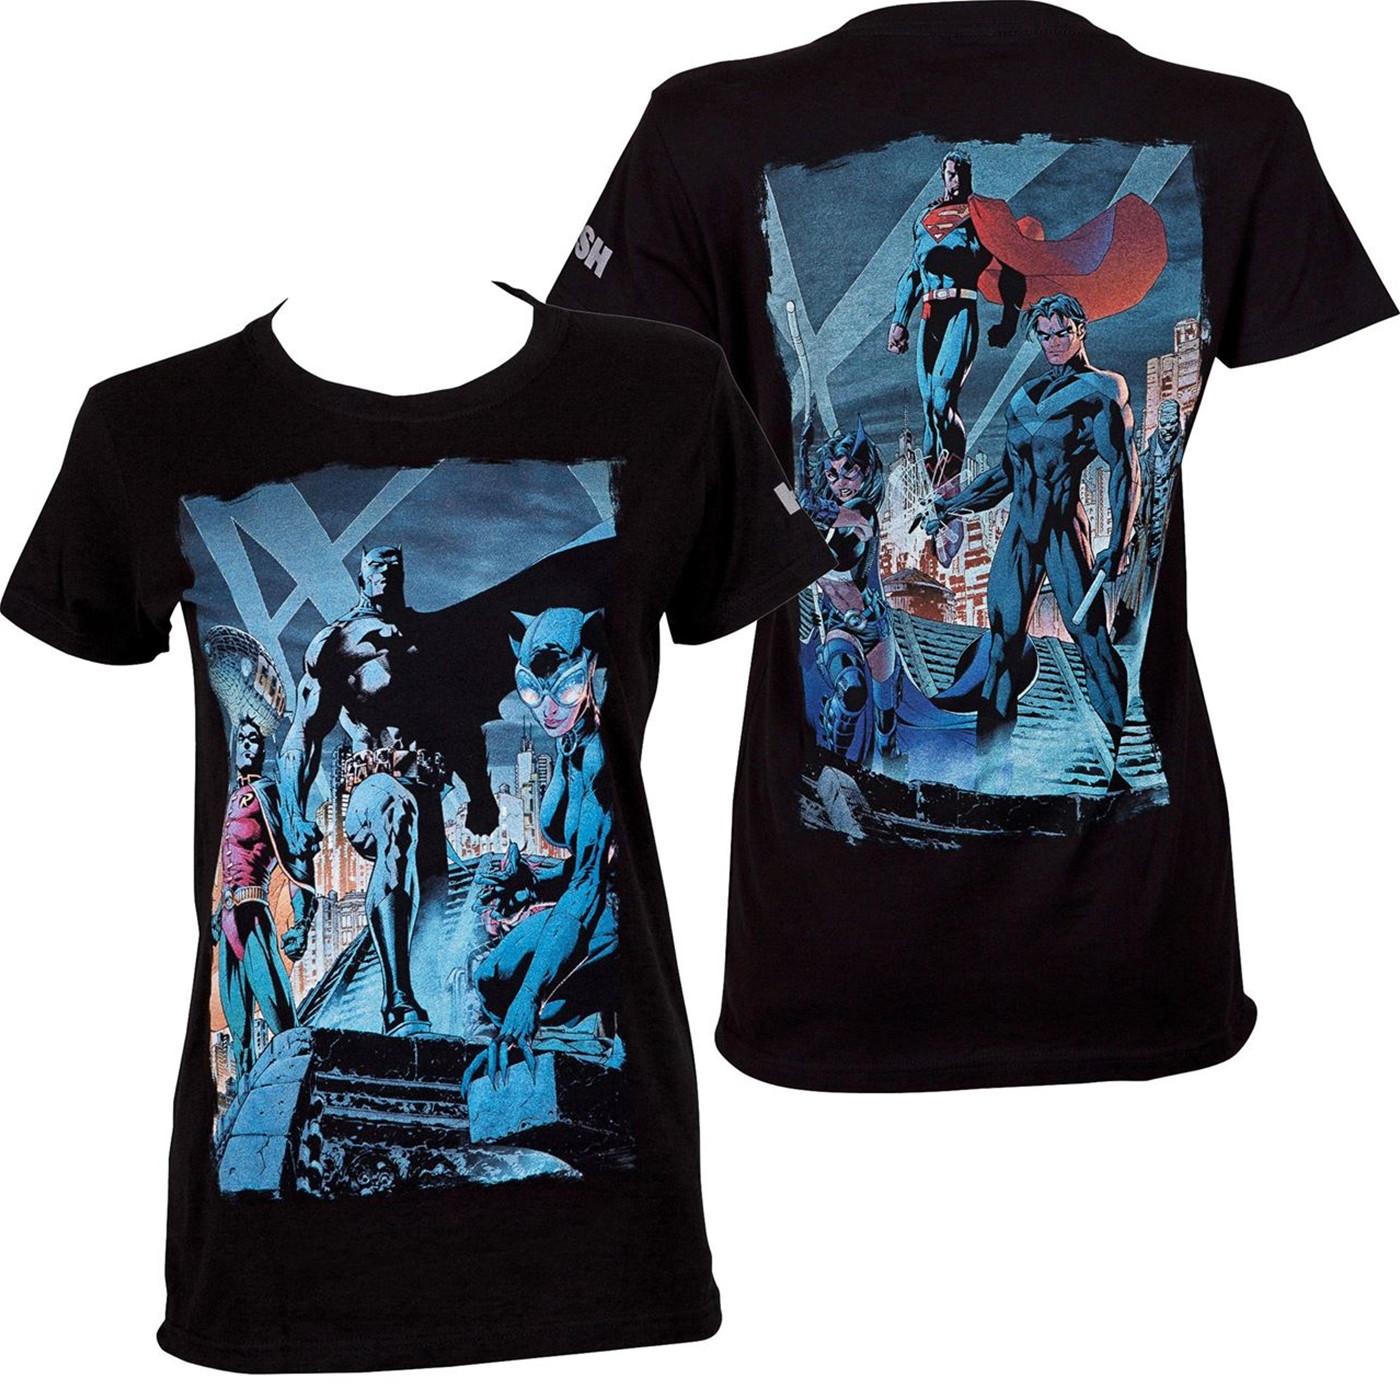 Batman Hush Comic Rooftop Meeting Image Women's T-Shirt